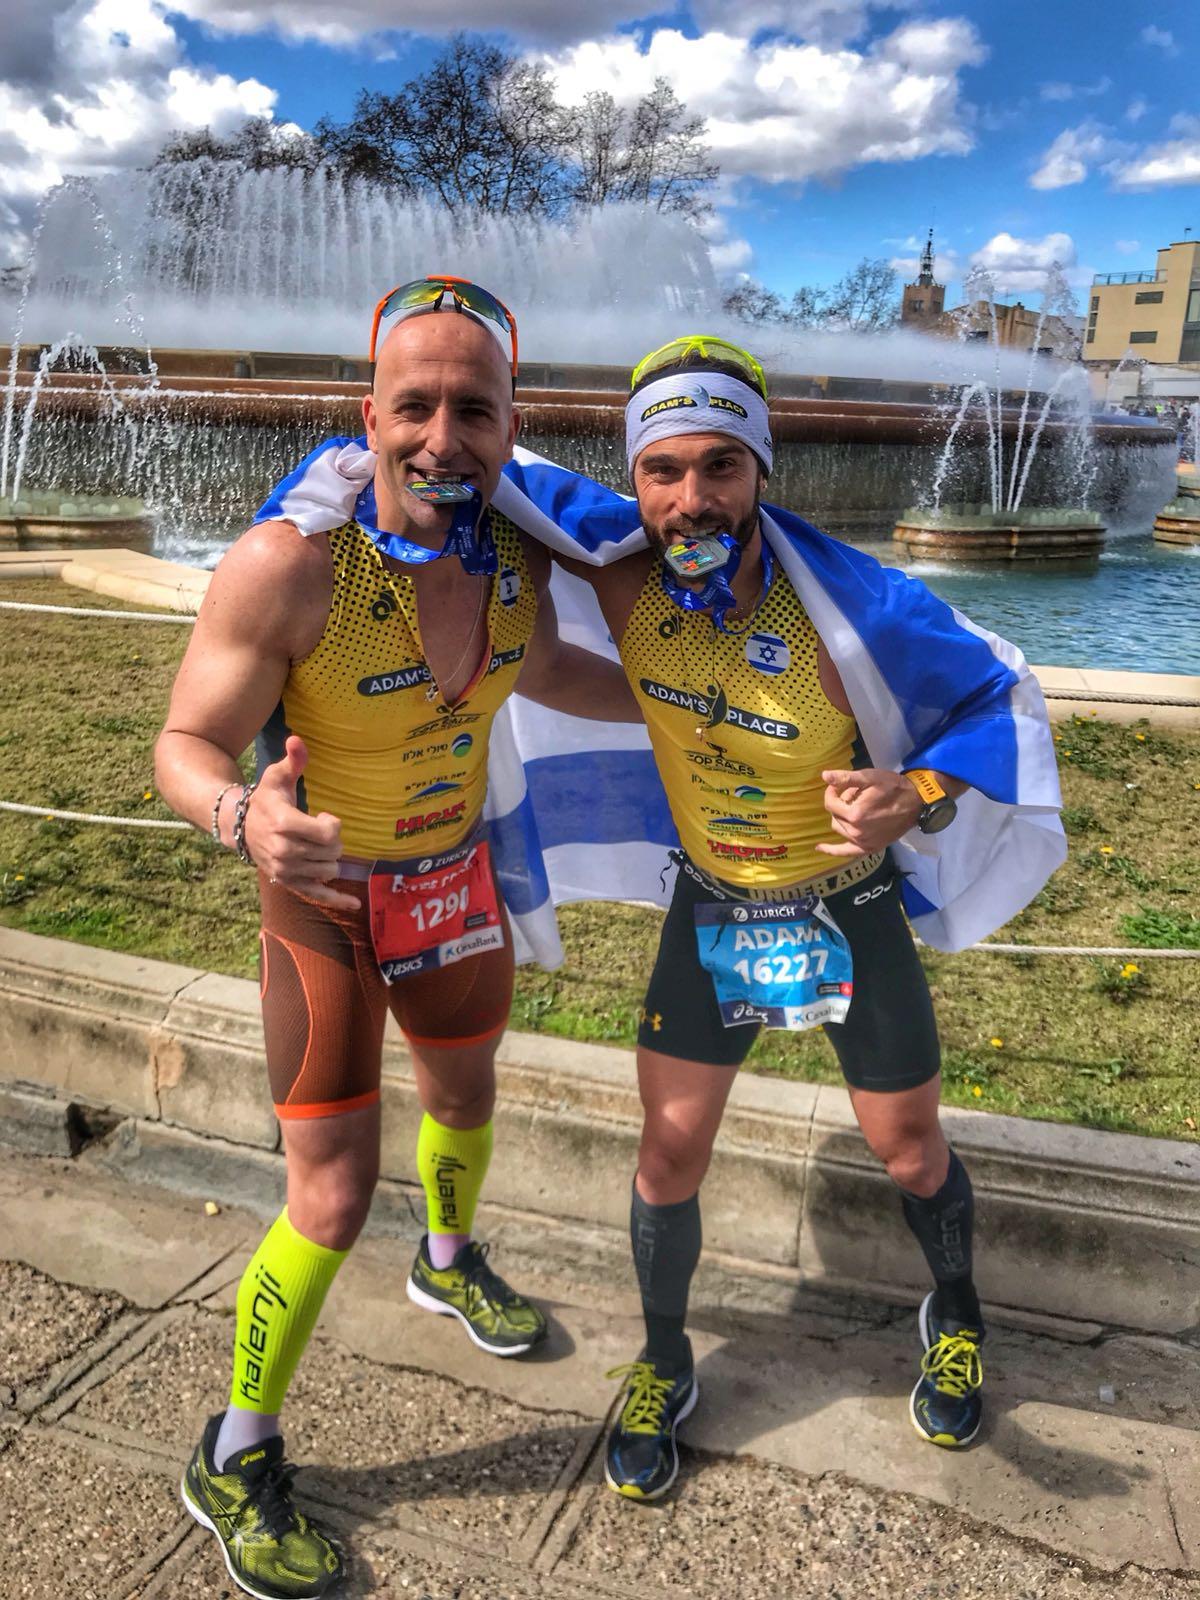 10 ימים 2 מרתונים... אדם כהן ואחיו איב איירונמנים ציוניים בברצלונה